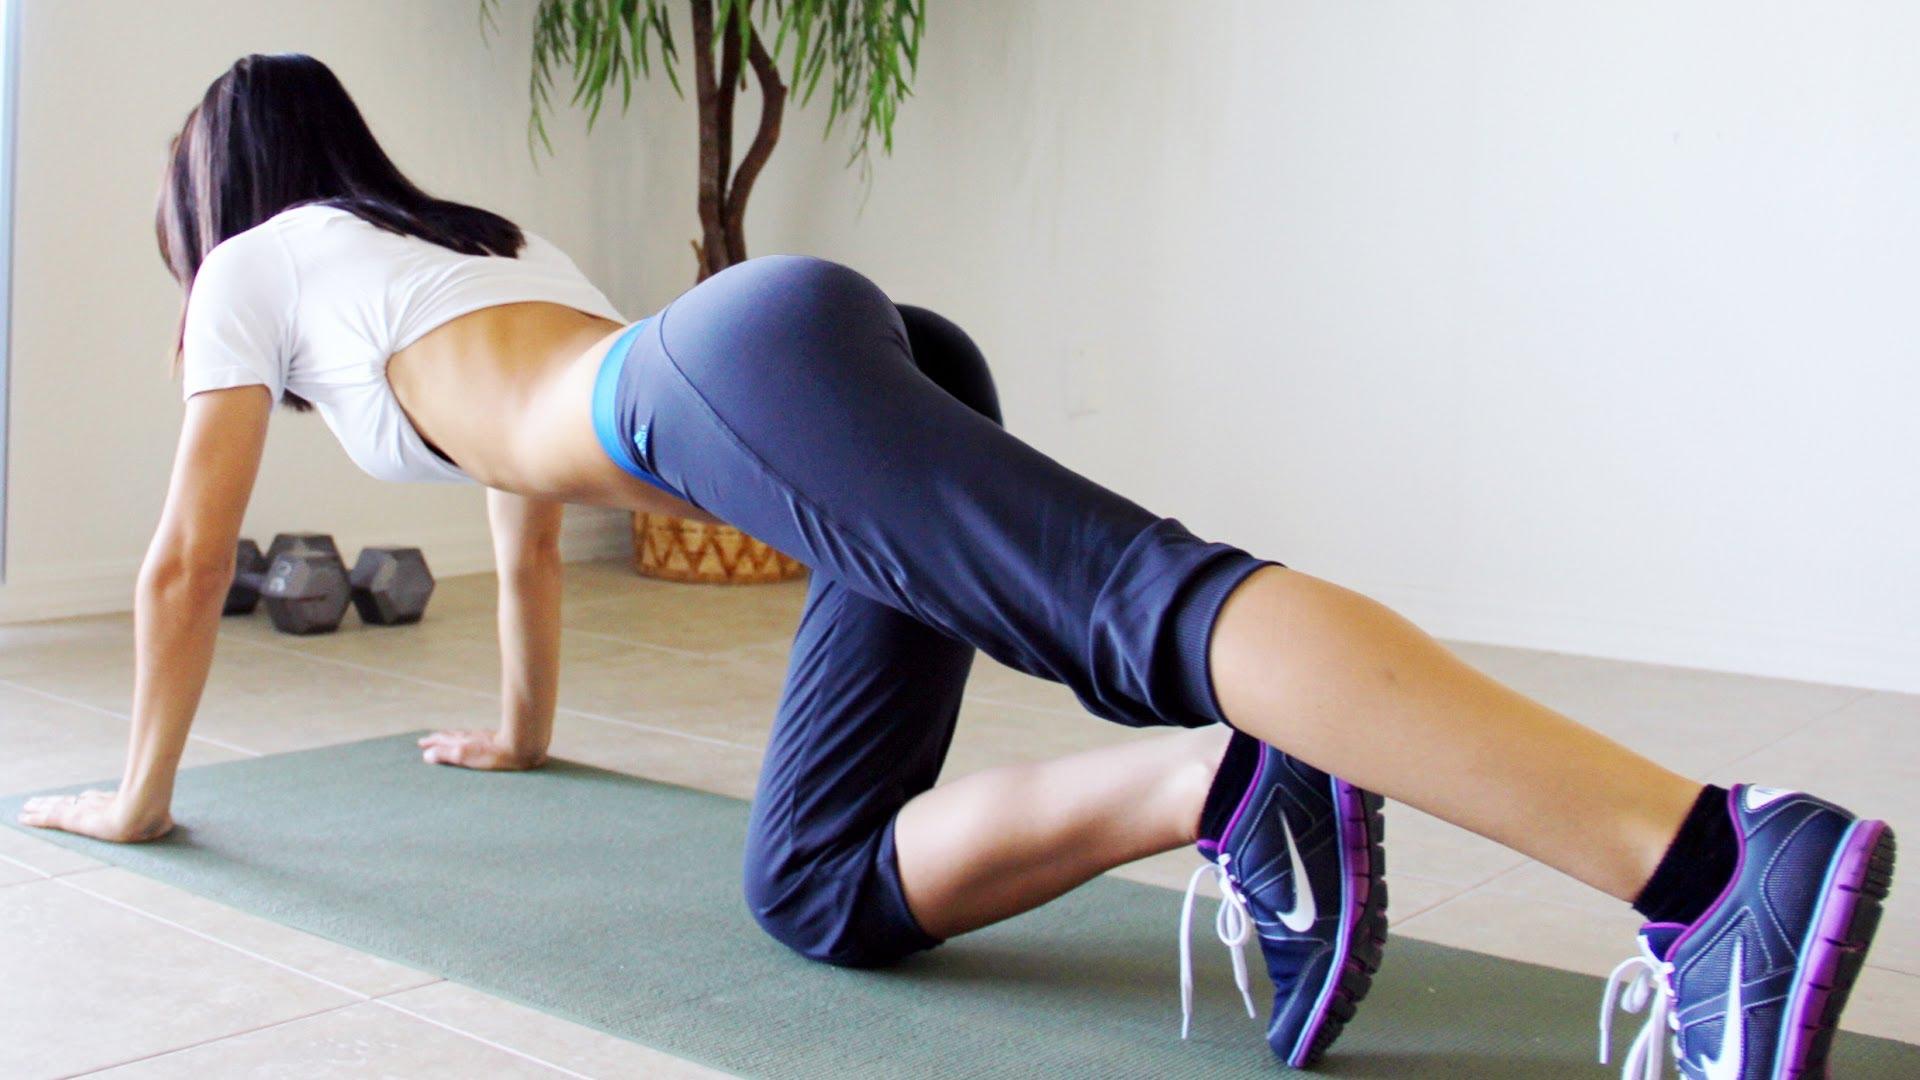 5-minute butt lift workout: get round & bigger butt fast - timeshood